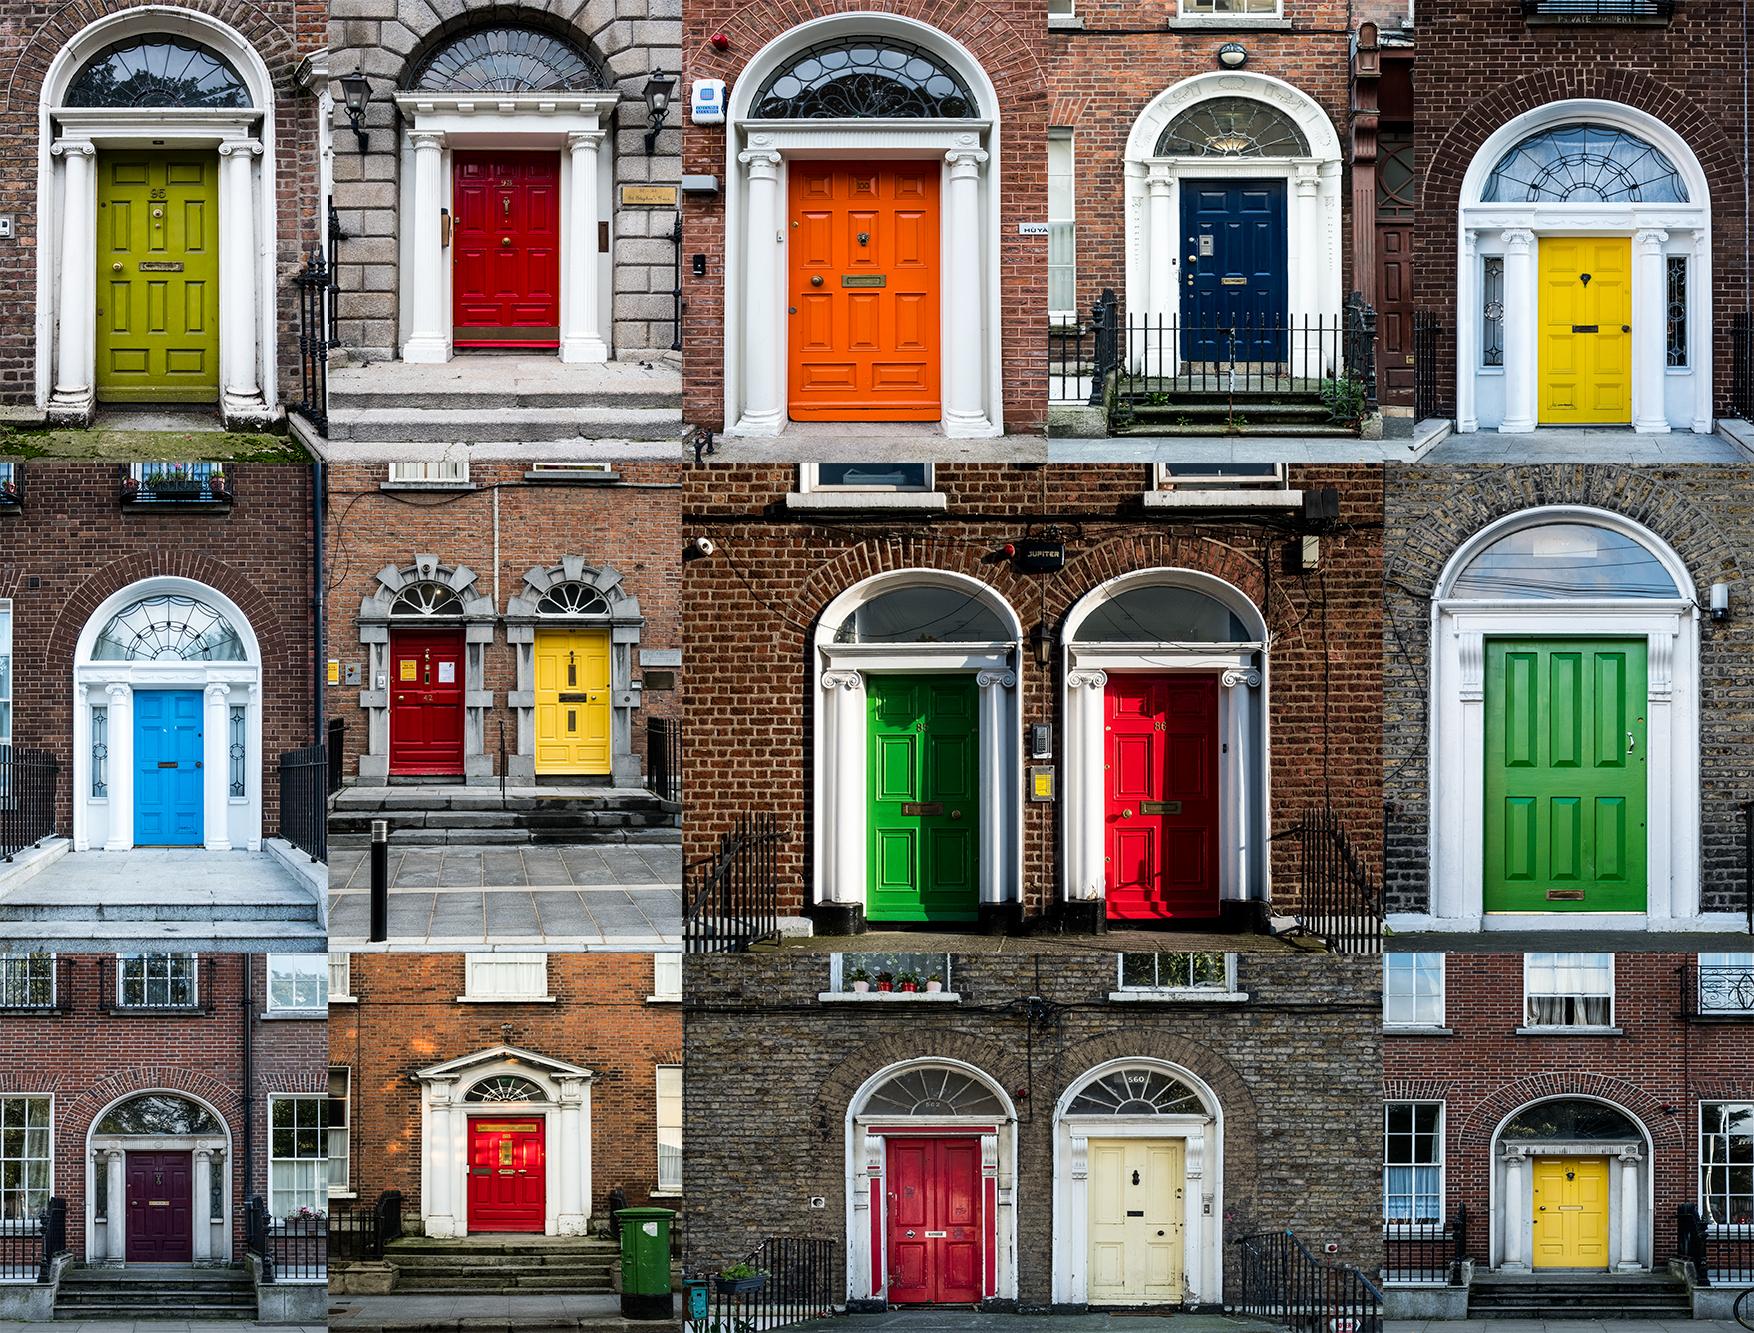 Dublino, 9898416 «Nella bella città di Dublino, dove le ragazze sono così carine vidi per la prima volta la dolce Molly Malone che portava il suo carretto, per strade strette e larghe